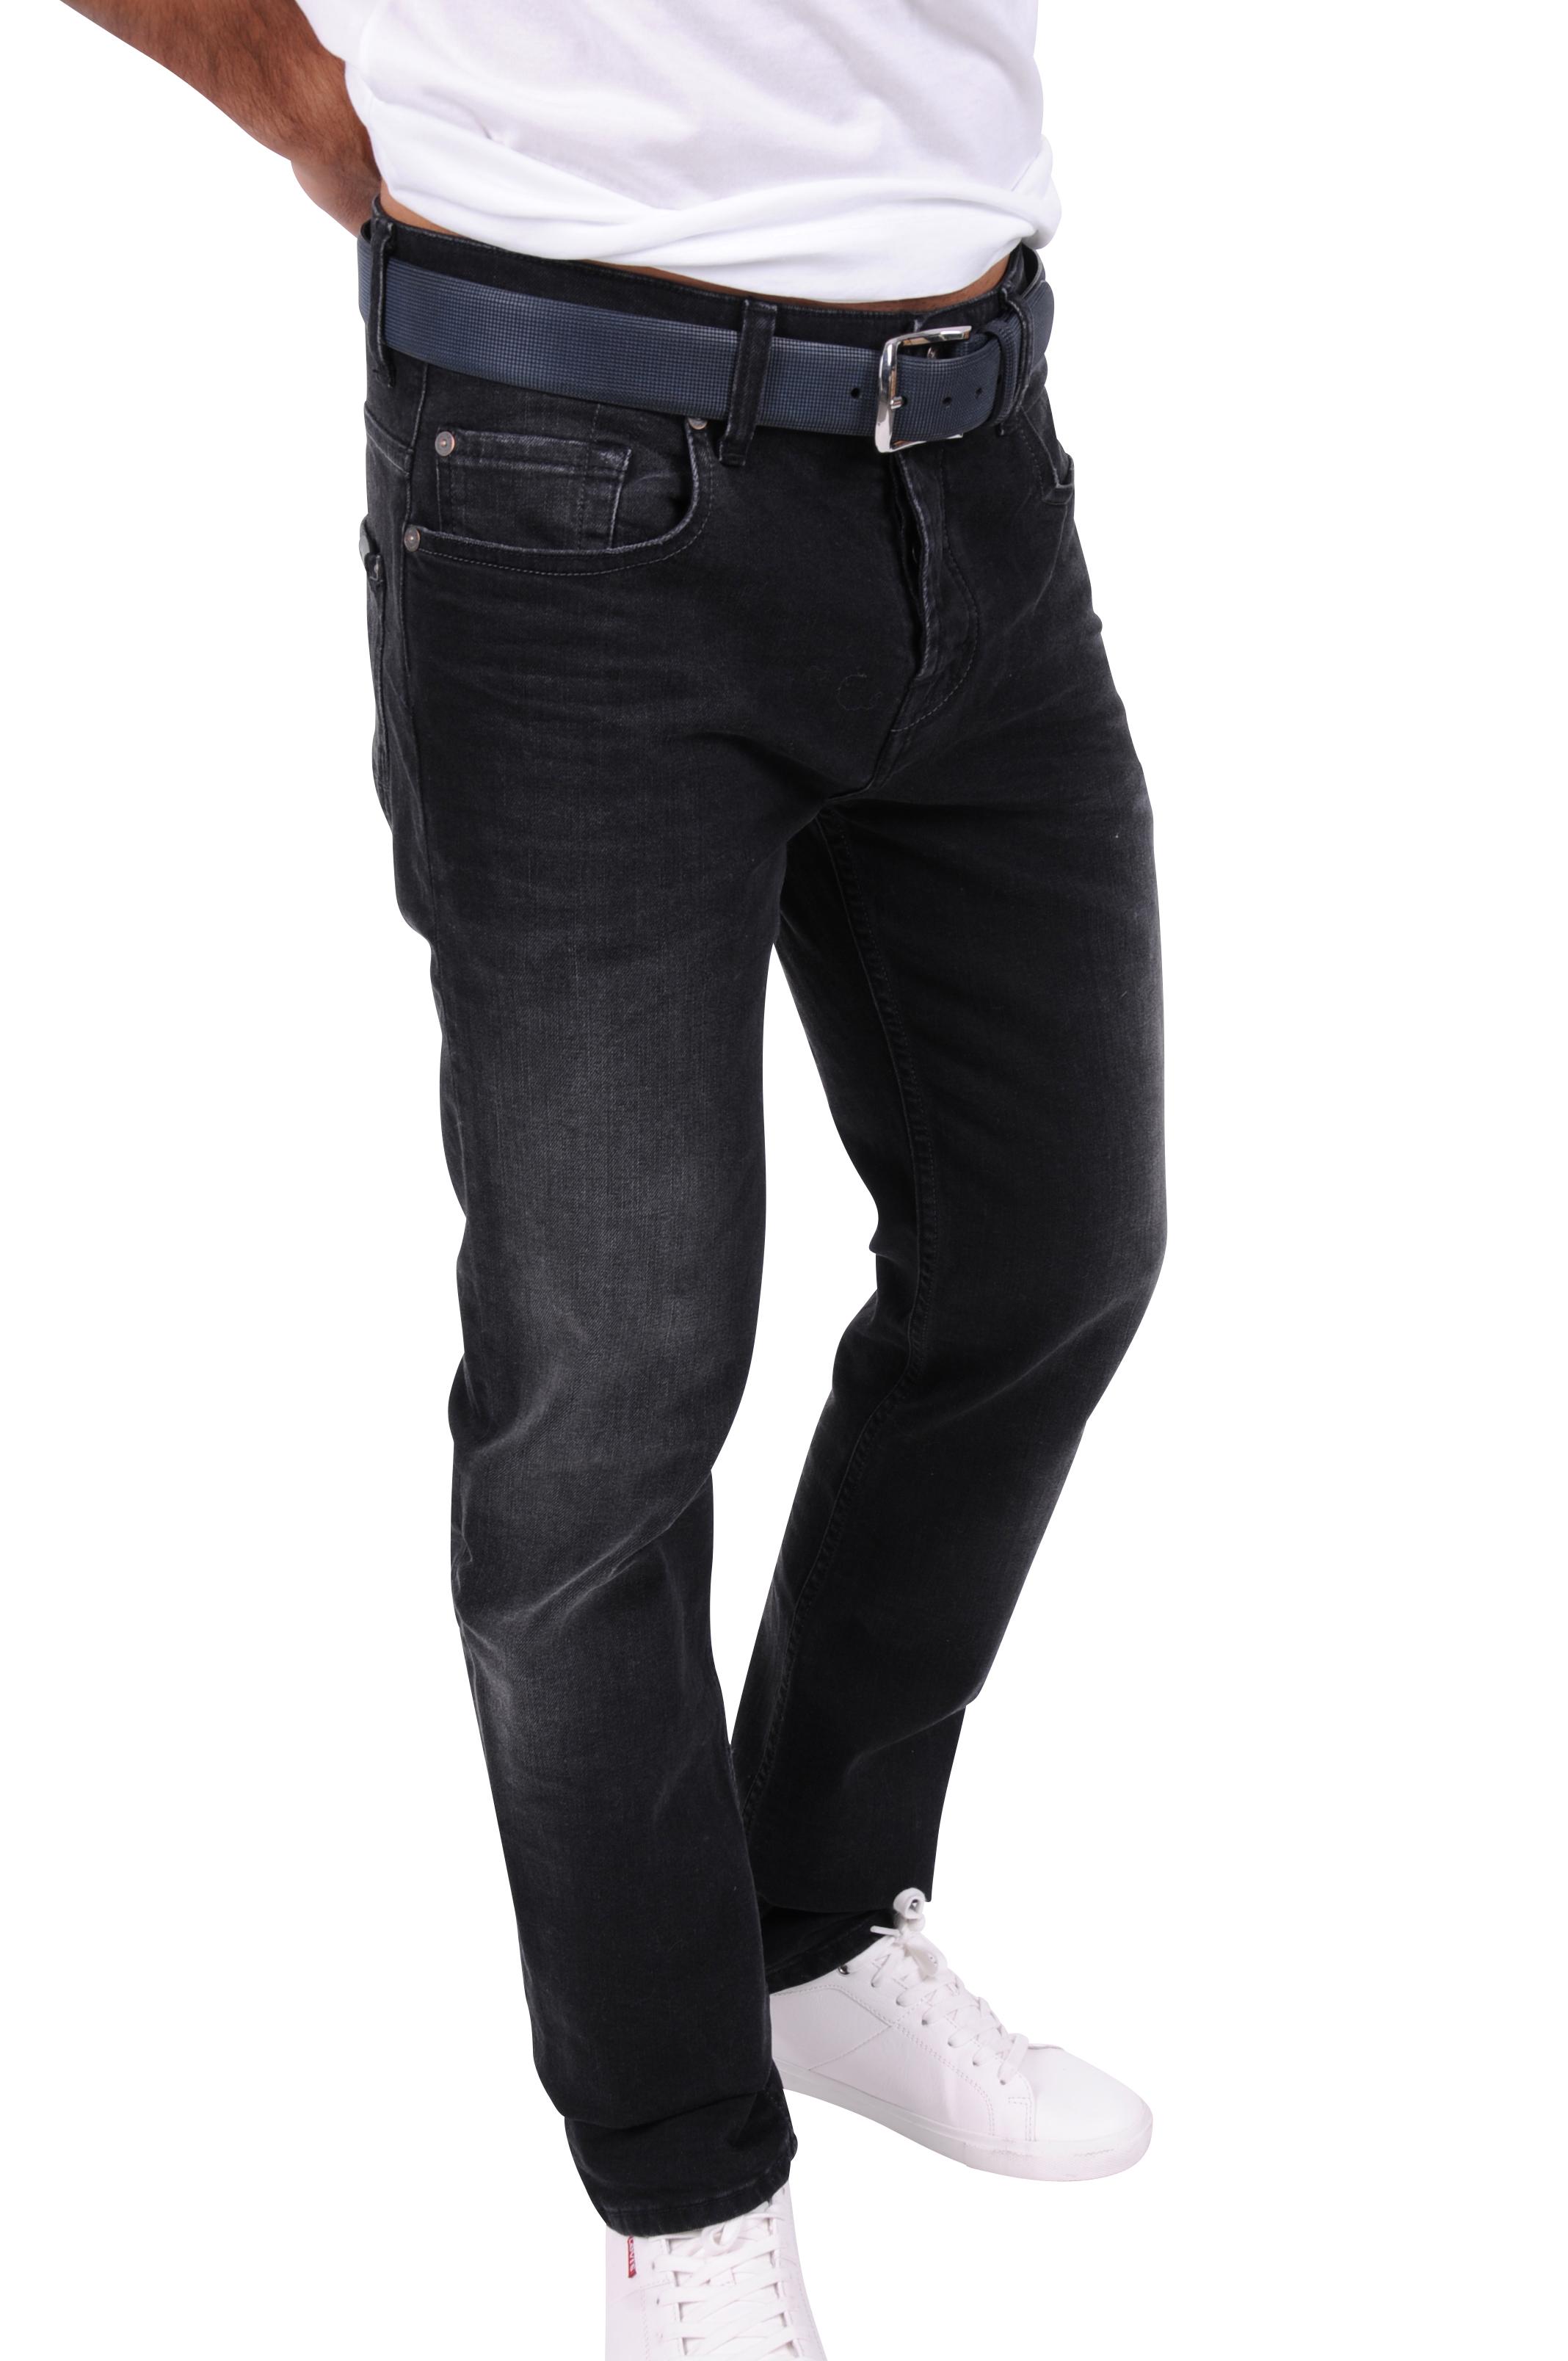 630f37a4ac78 Drykorn - Herren Jeans stonewashed grau